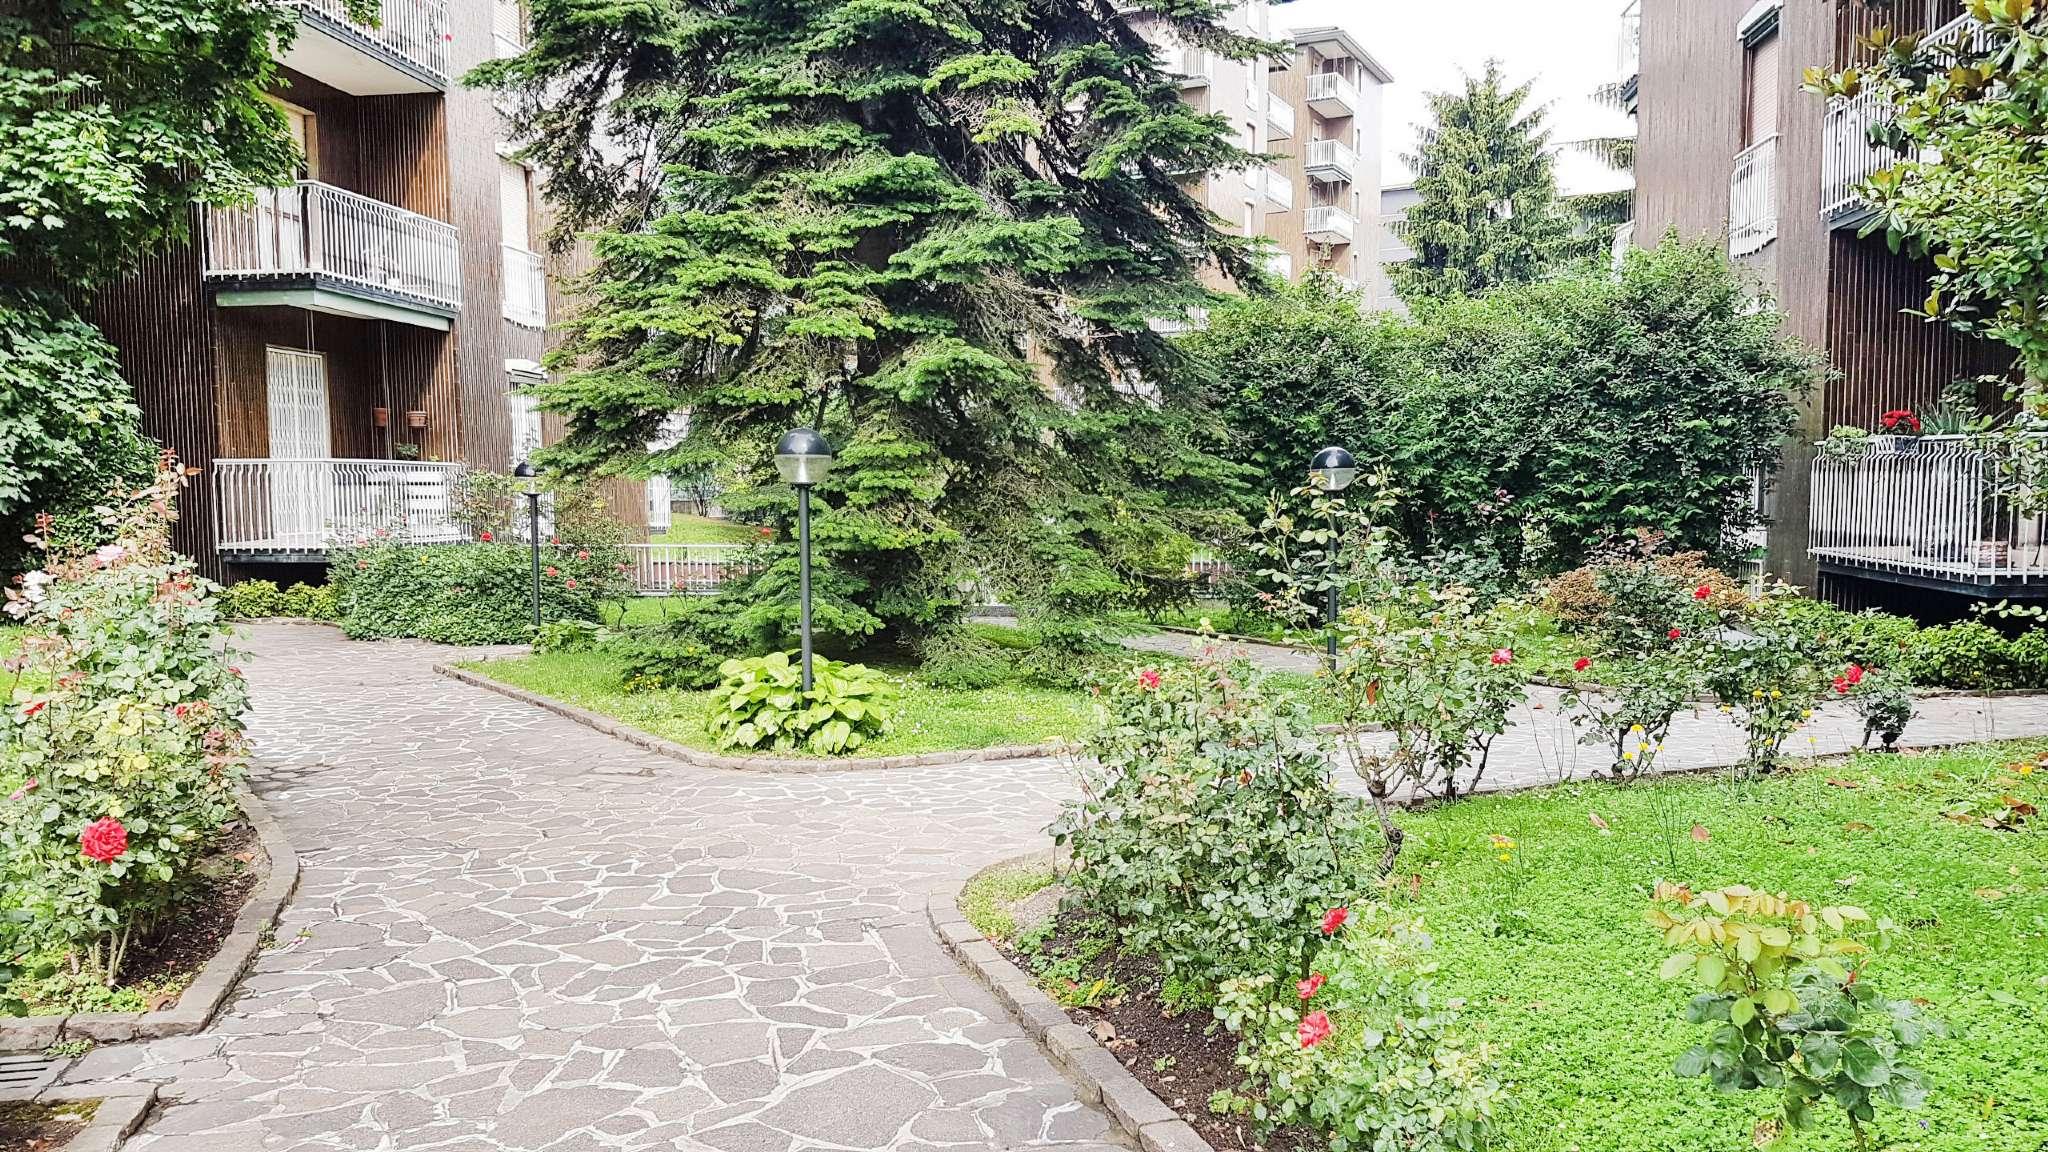 Appartamento in Affitto a Milano 30 Niguarda / Bovisasca / Testi / Bruzzano / Affori / Comasina: 2 locali, 65 mq